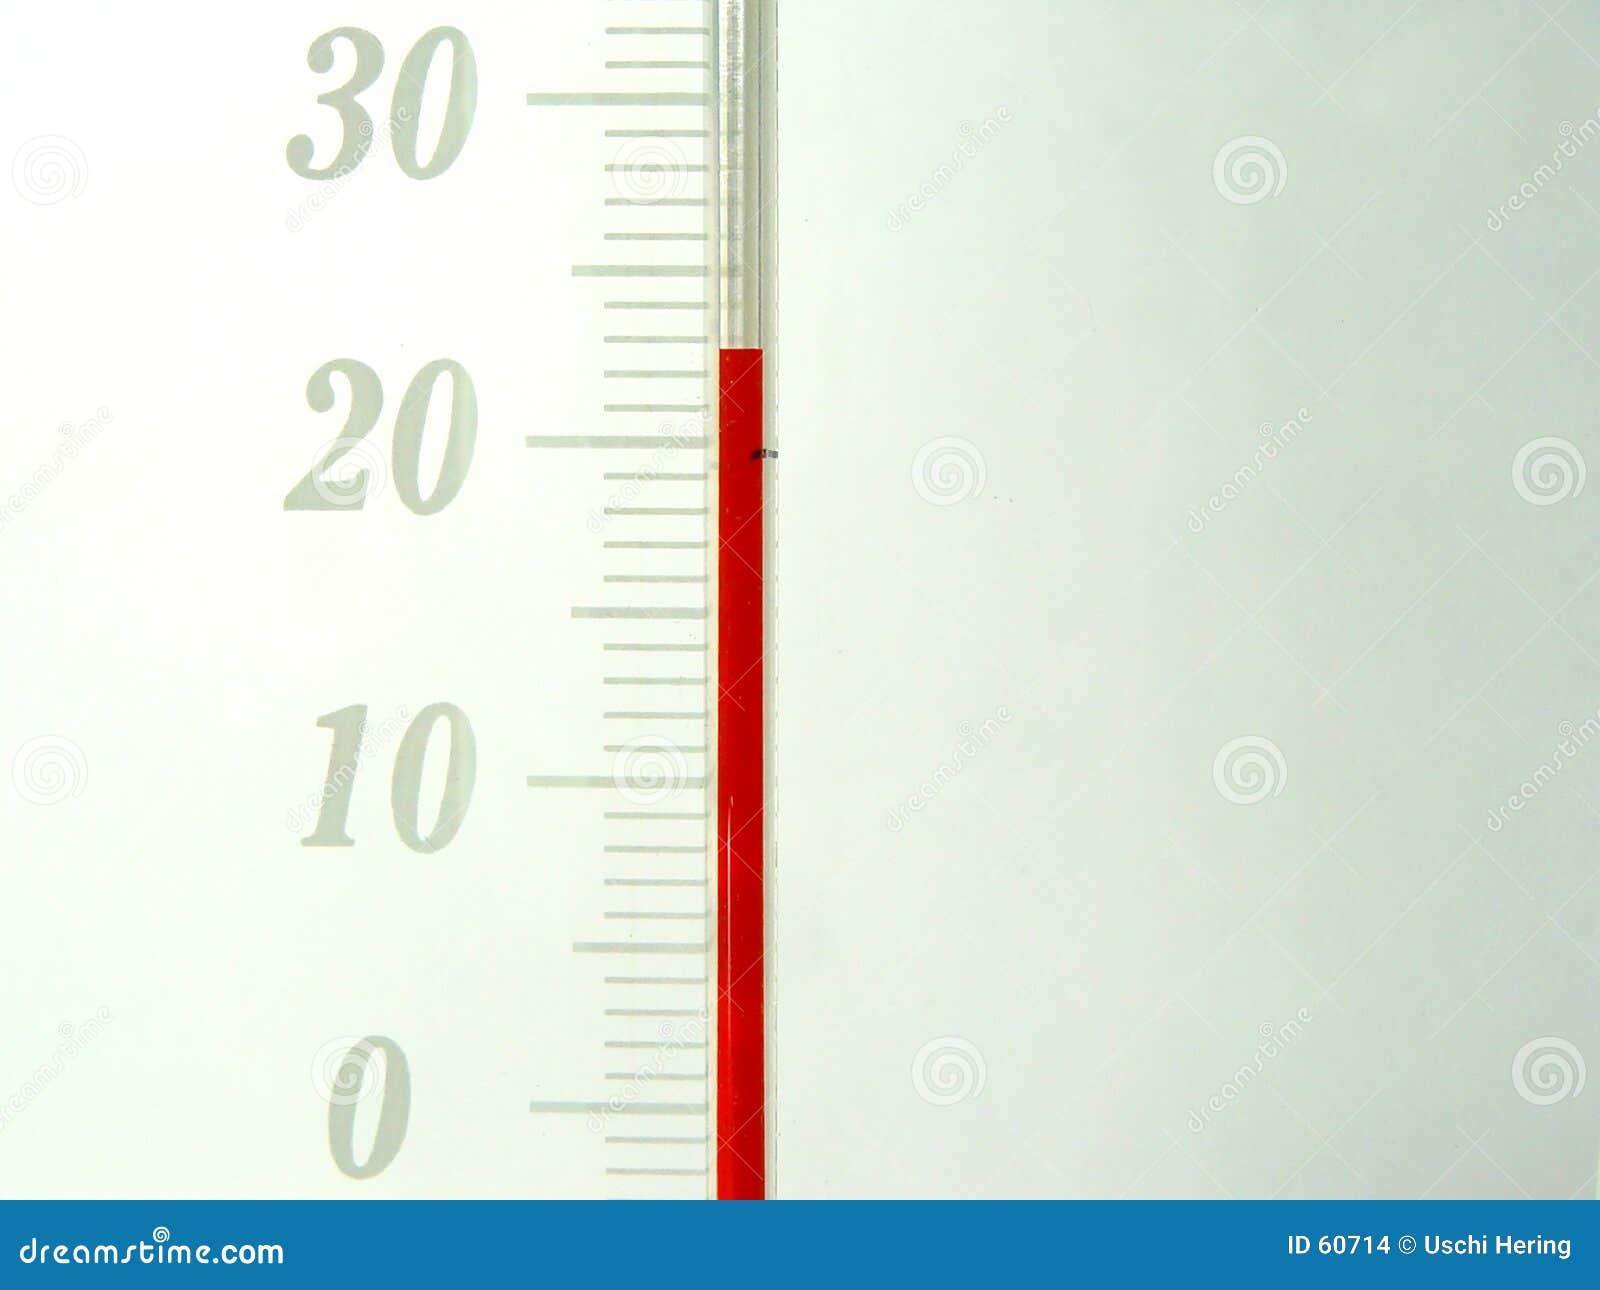 spring temperature